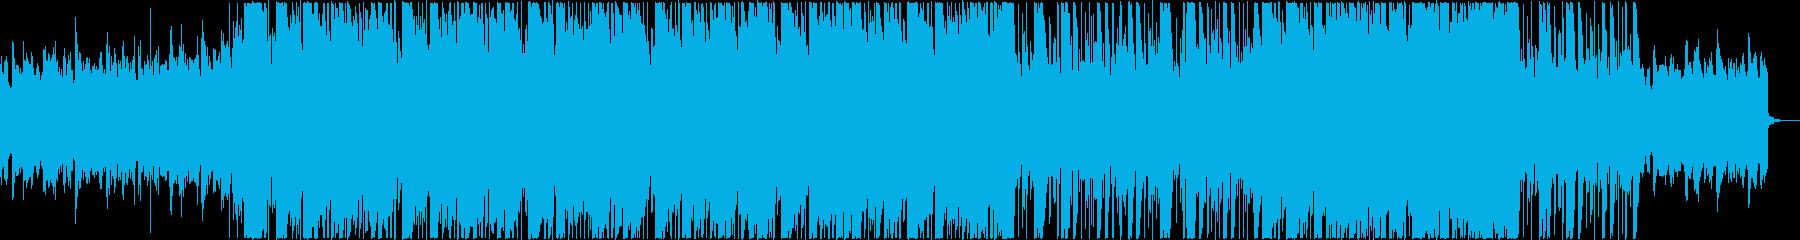 映像に合うクールでお洒落なR&Bの再生済みの波形